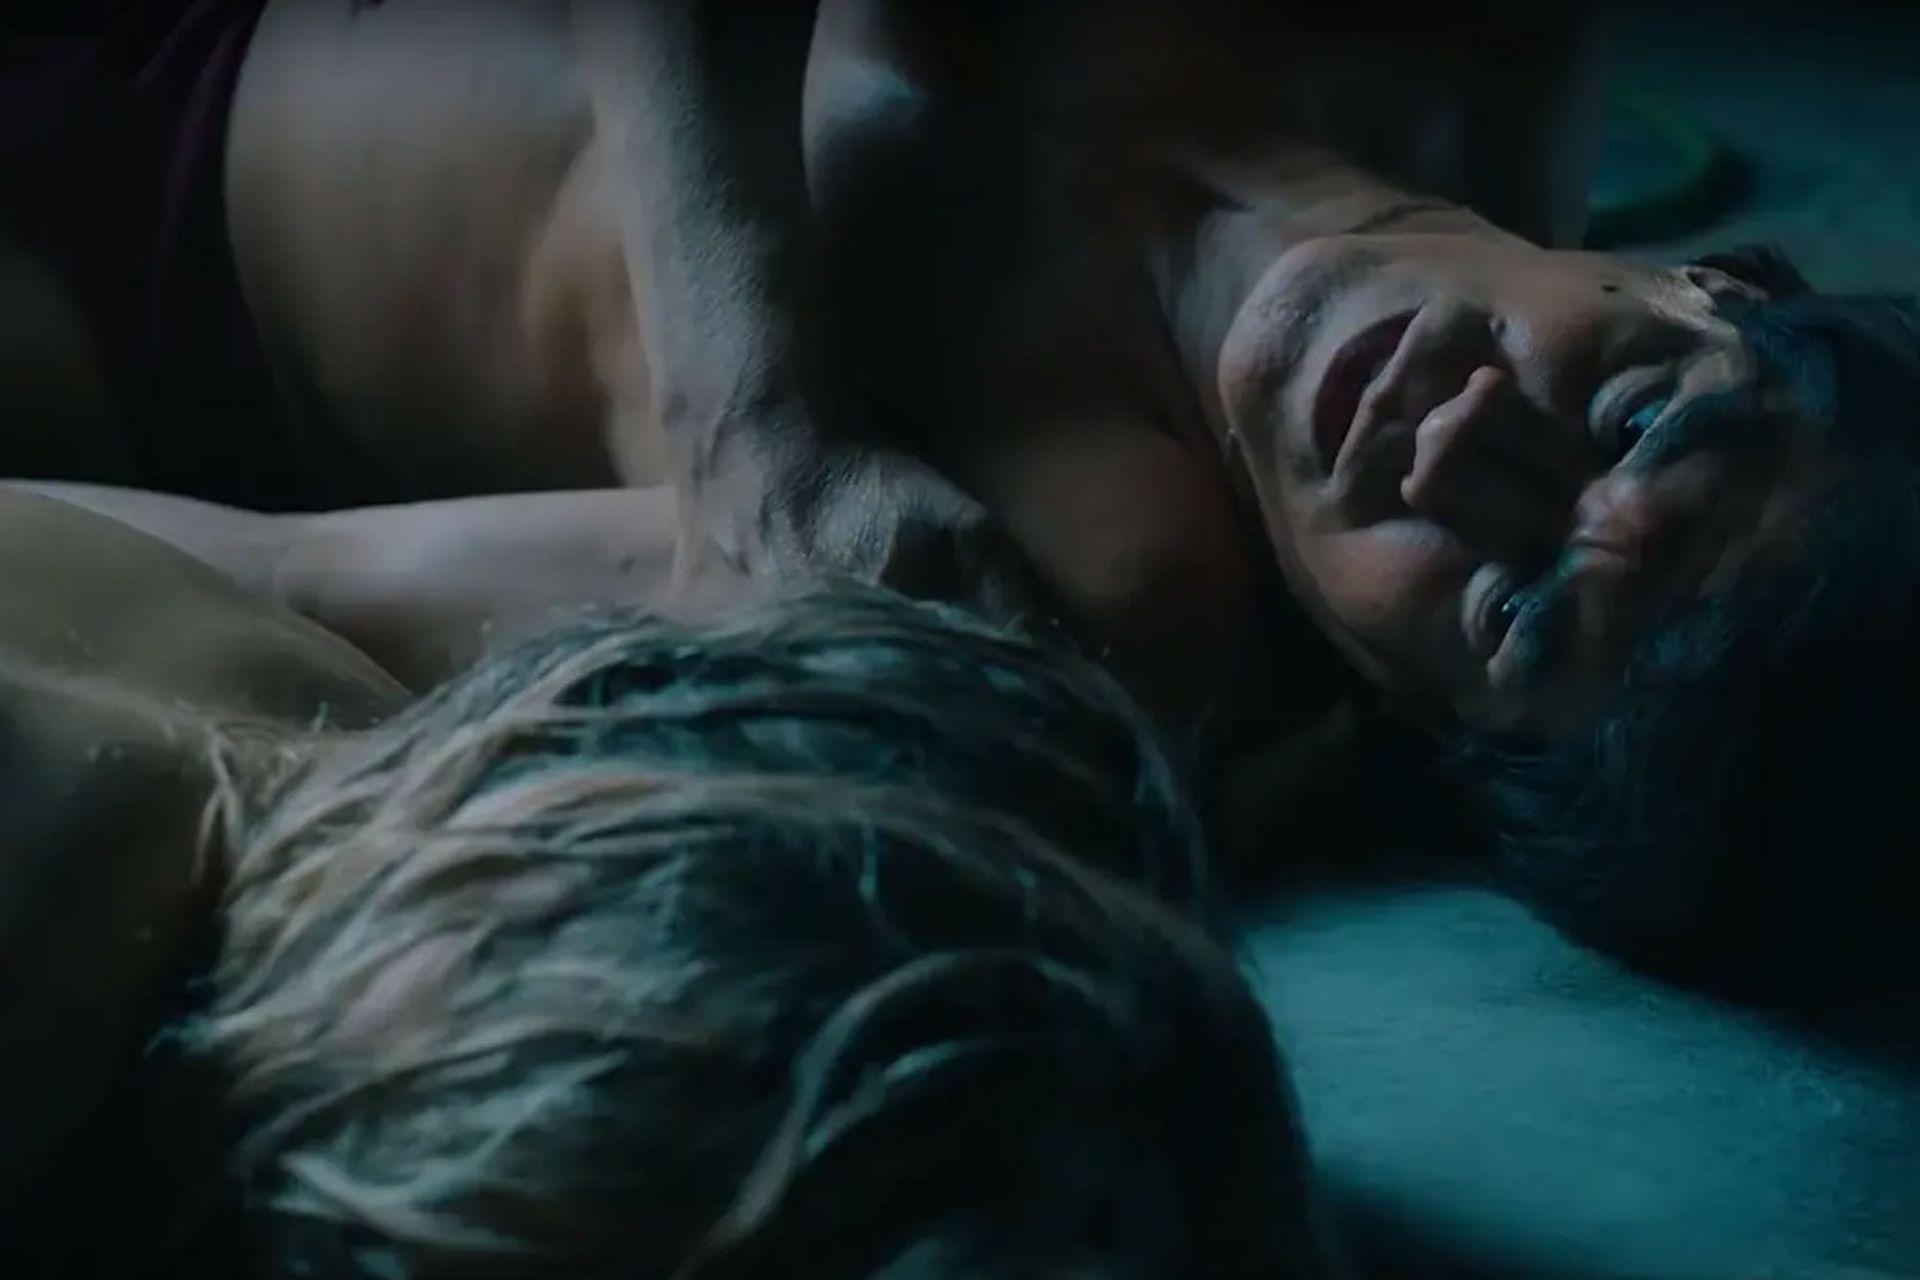 El actor Jorge Román que interpreta a Monzón adulto. Junto al cuerpo de Alicia, en el trailer de la serie.